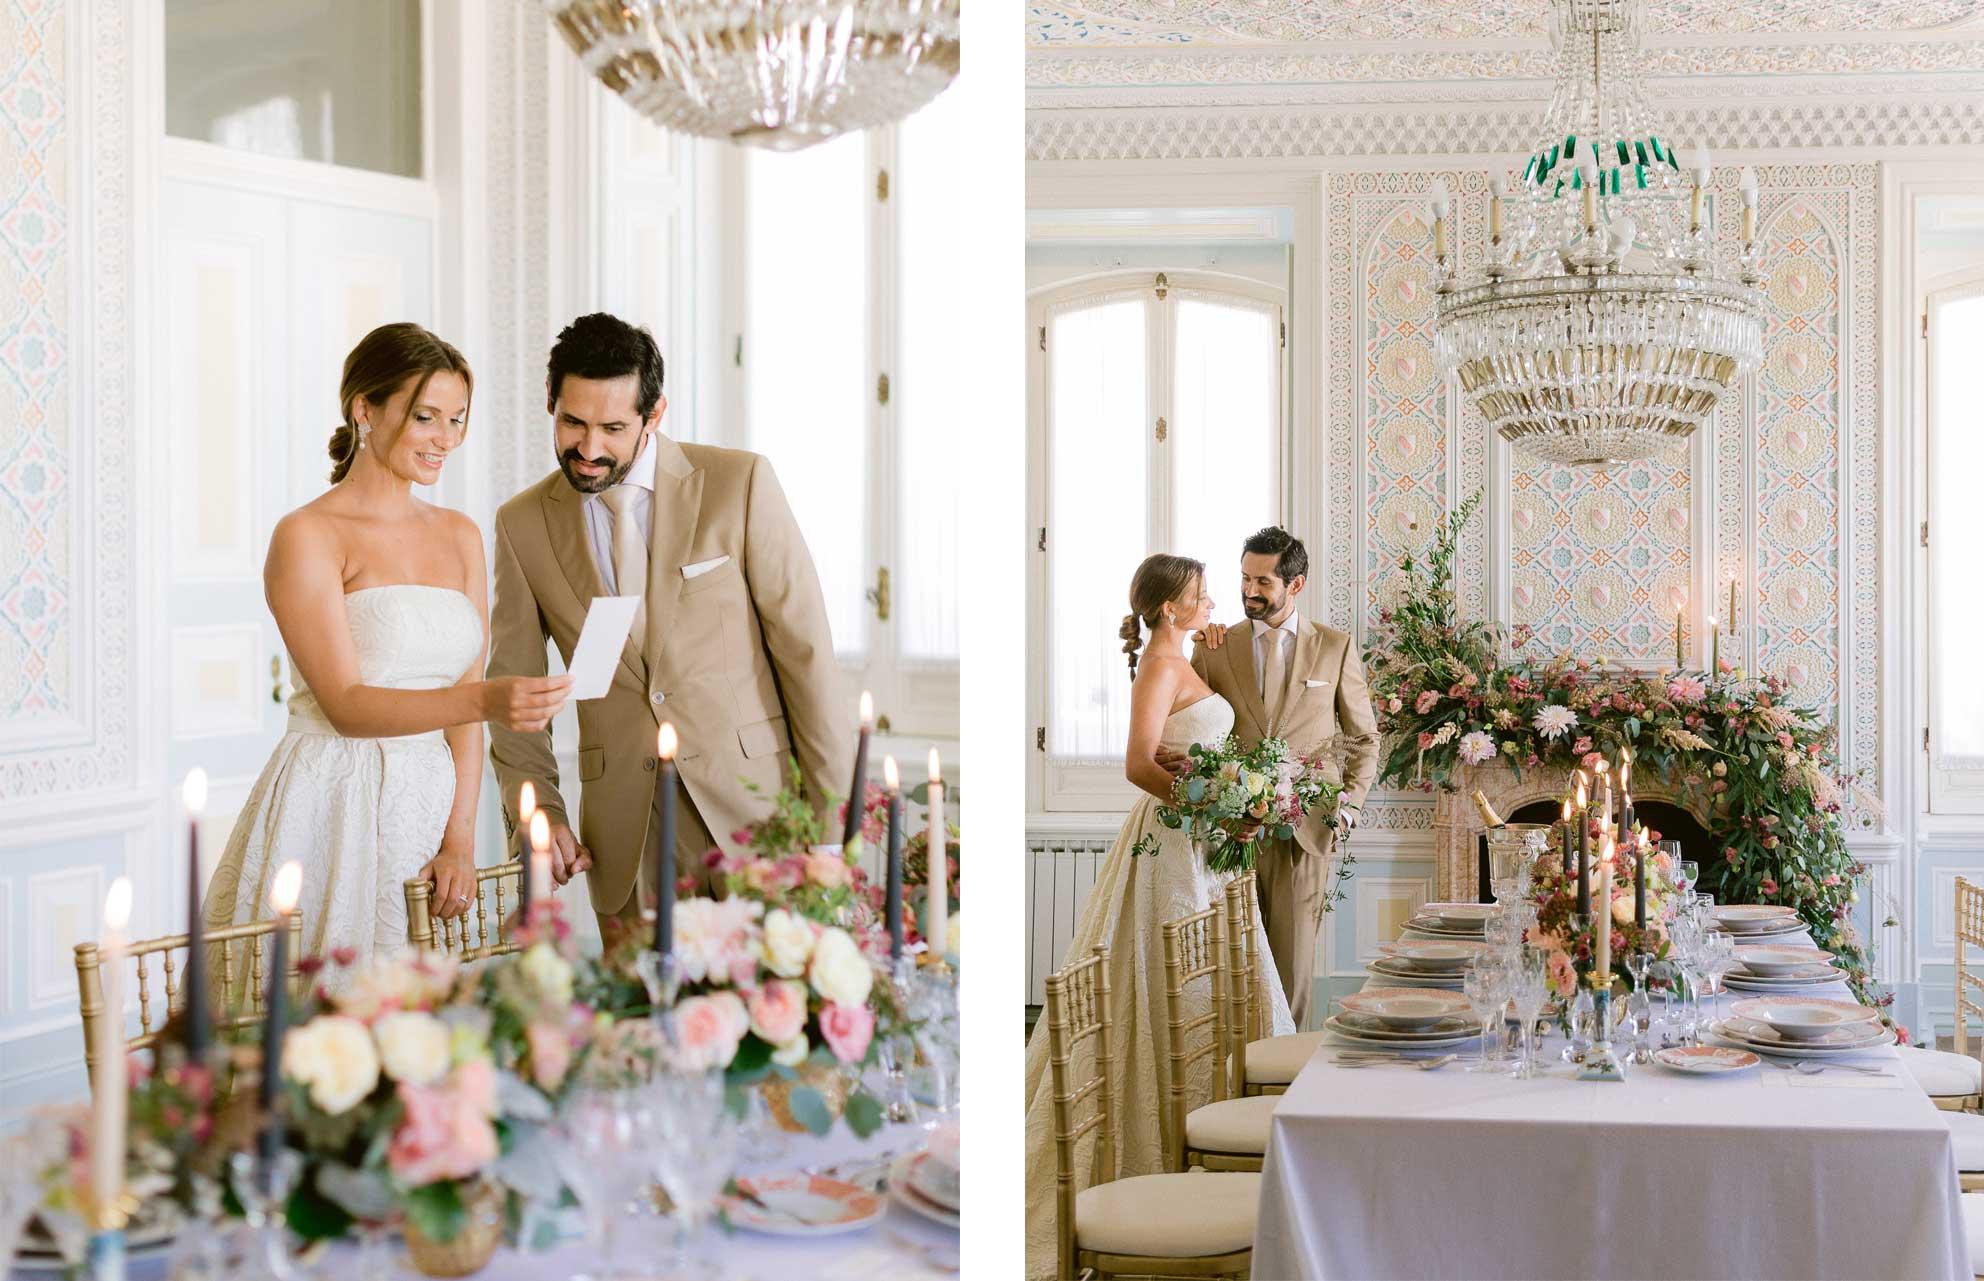 CHATEAU-WEDDING-IN-PORTUGAL